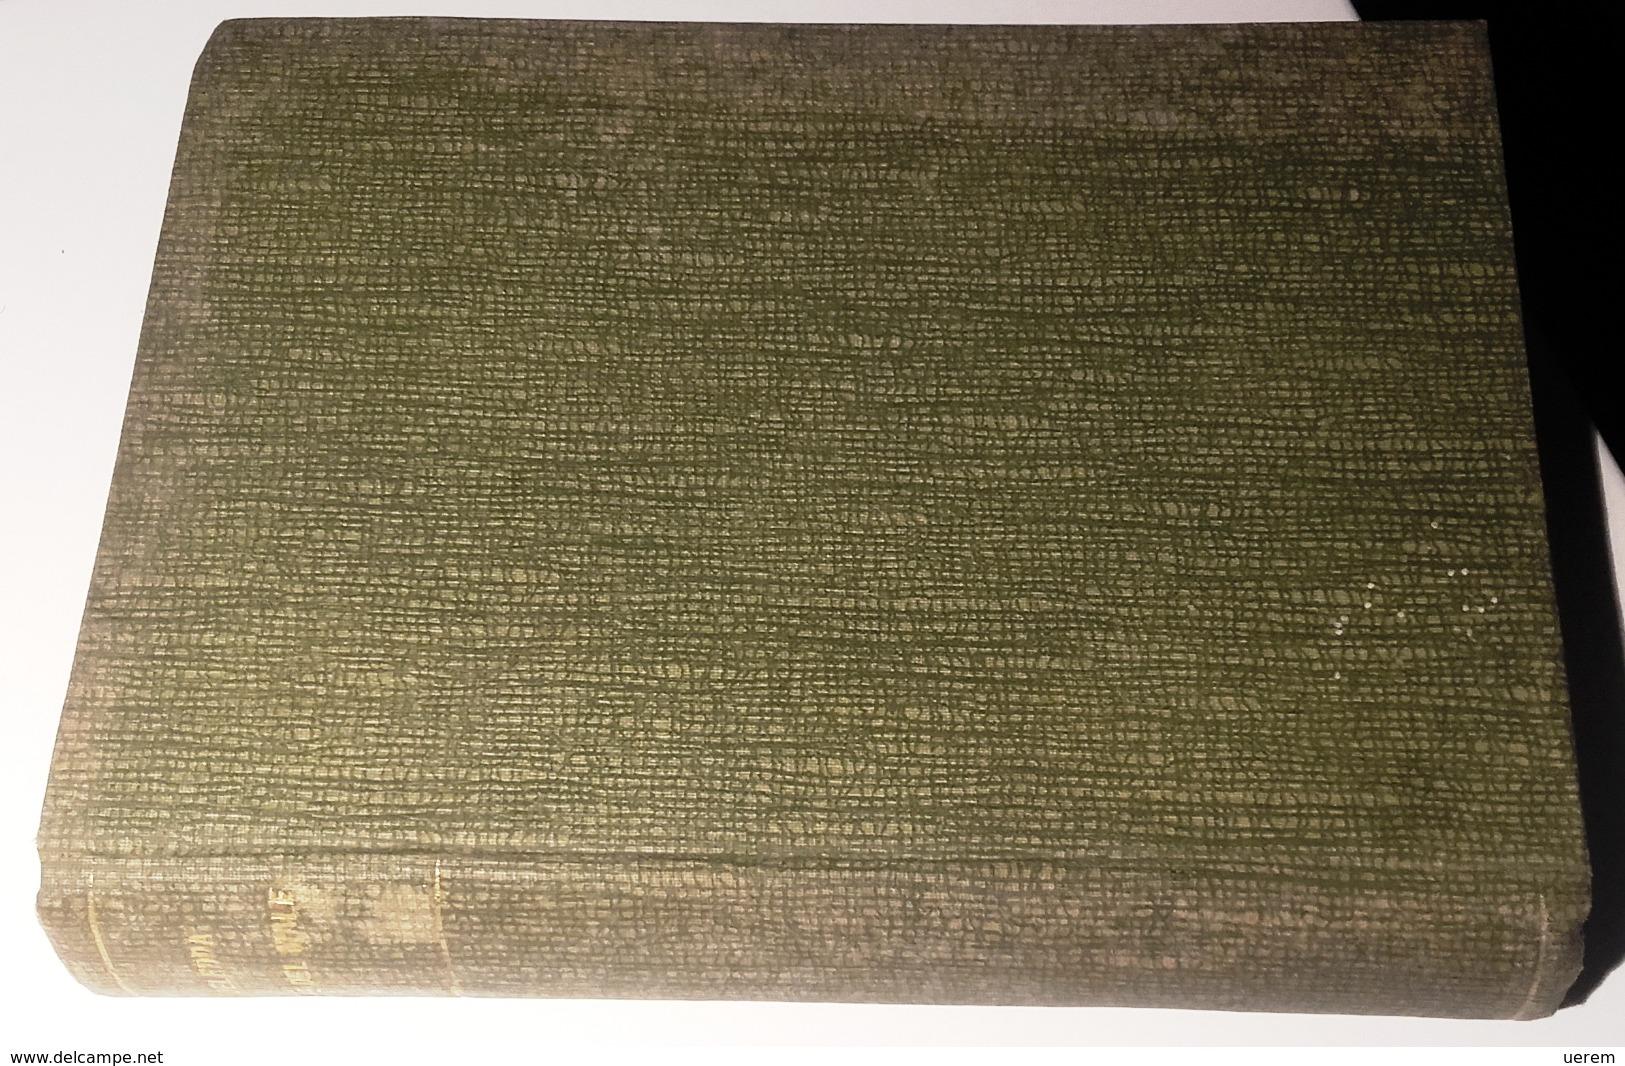 1906 SARDEGNA DELEDDA ROMANZO DELEDDA GRAZIA LA VIA DEL MALE Roma, Nuova Antologia 1906 Pag. 329 – Cm 13 X 19,5 Le - Libri, Riviste, Fumetti